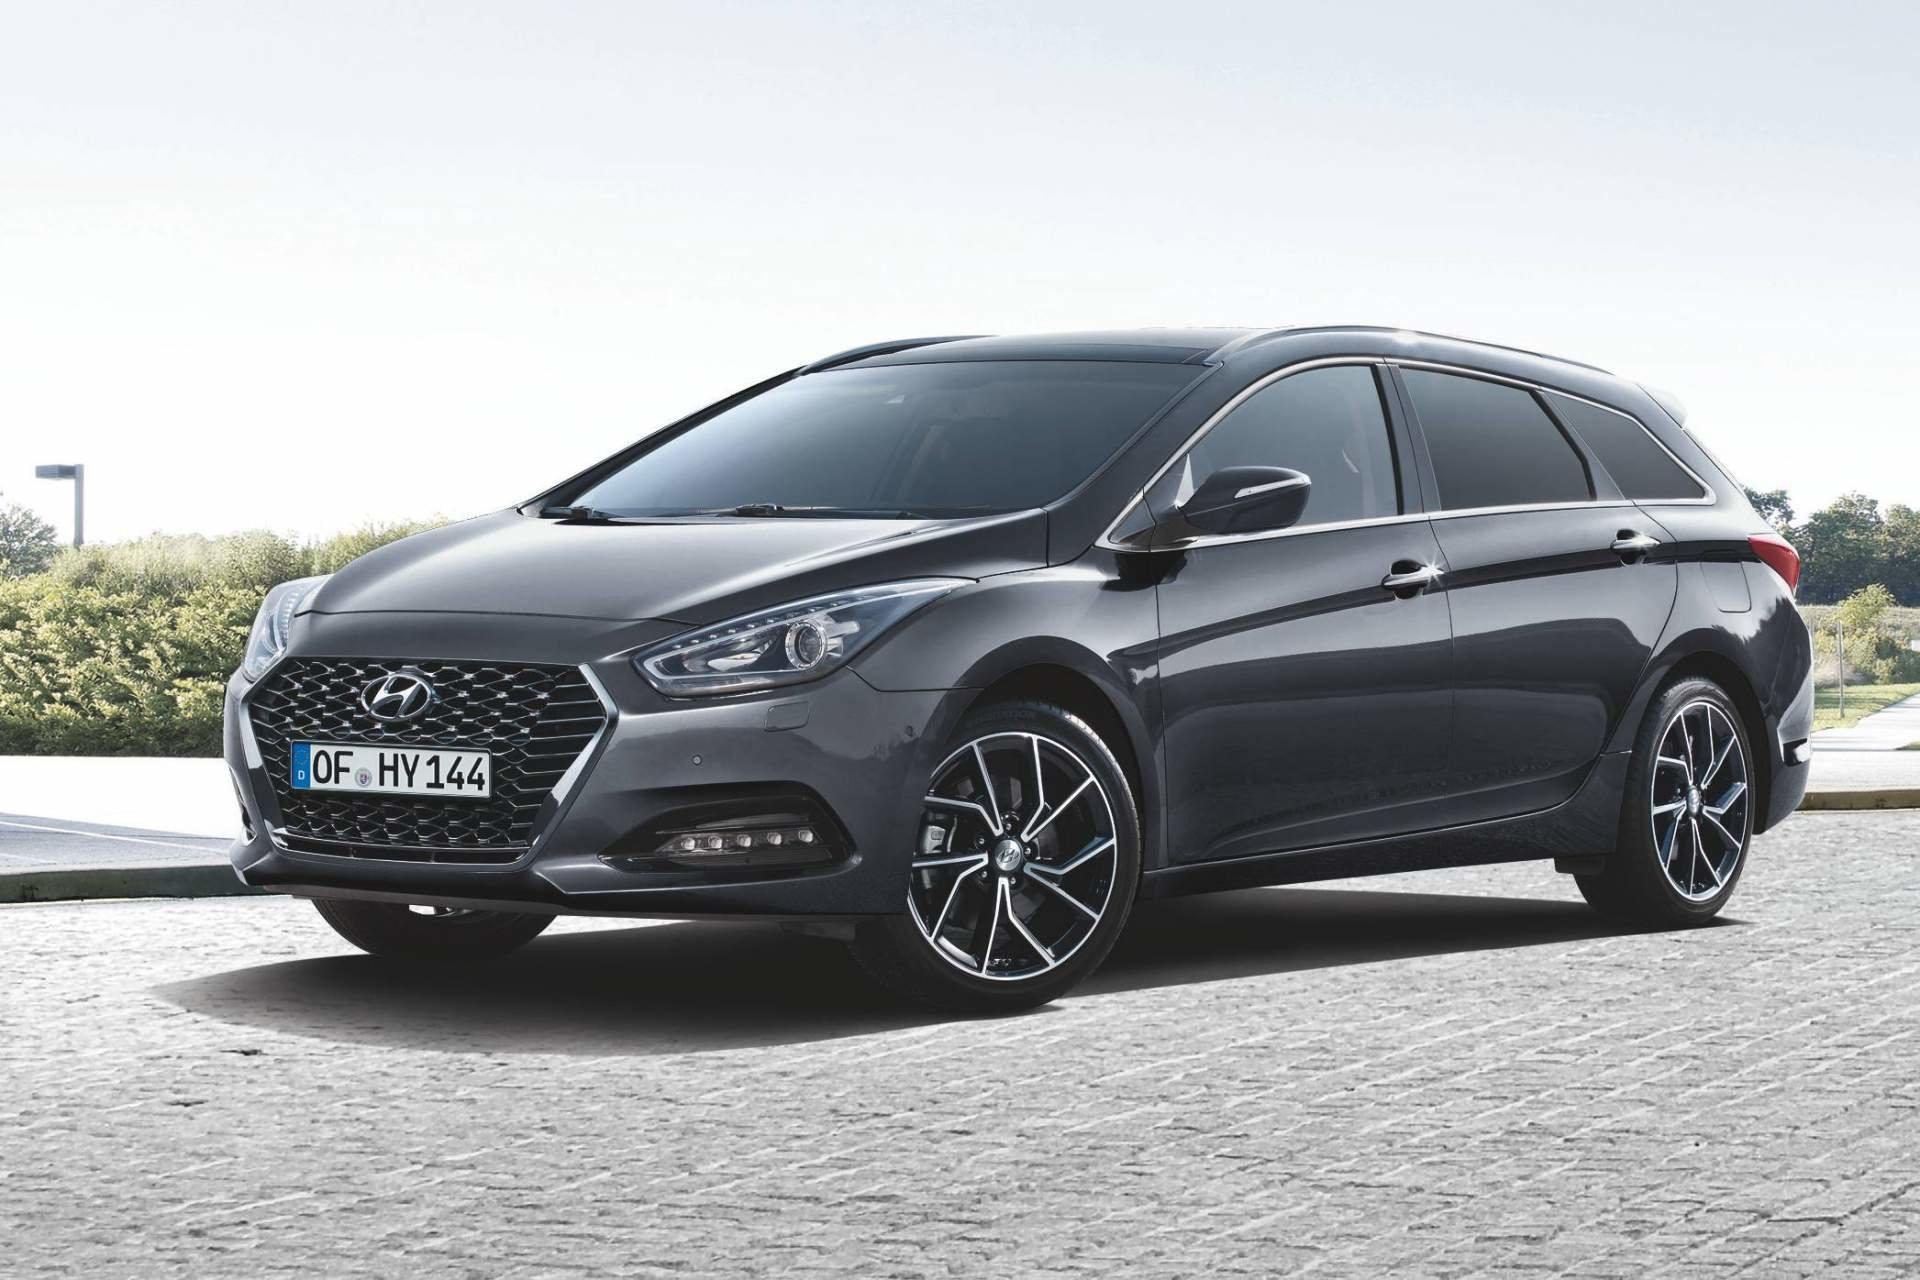 Hyundai omladilo model i40. Kromě nové masky přibyl i nový diesel a bezpečnostní systémy